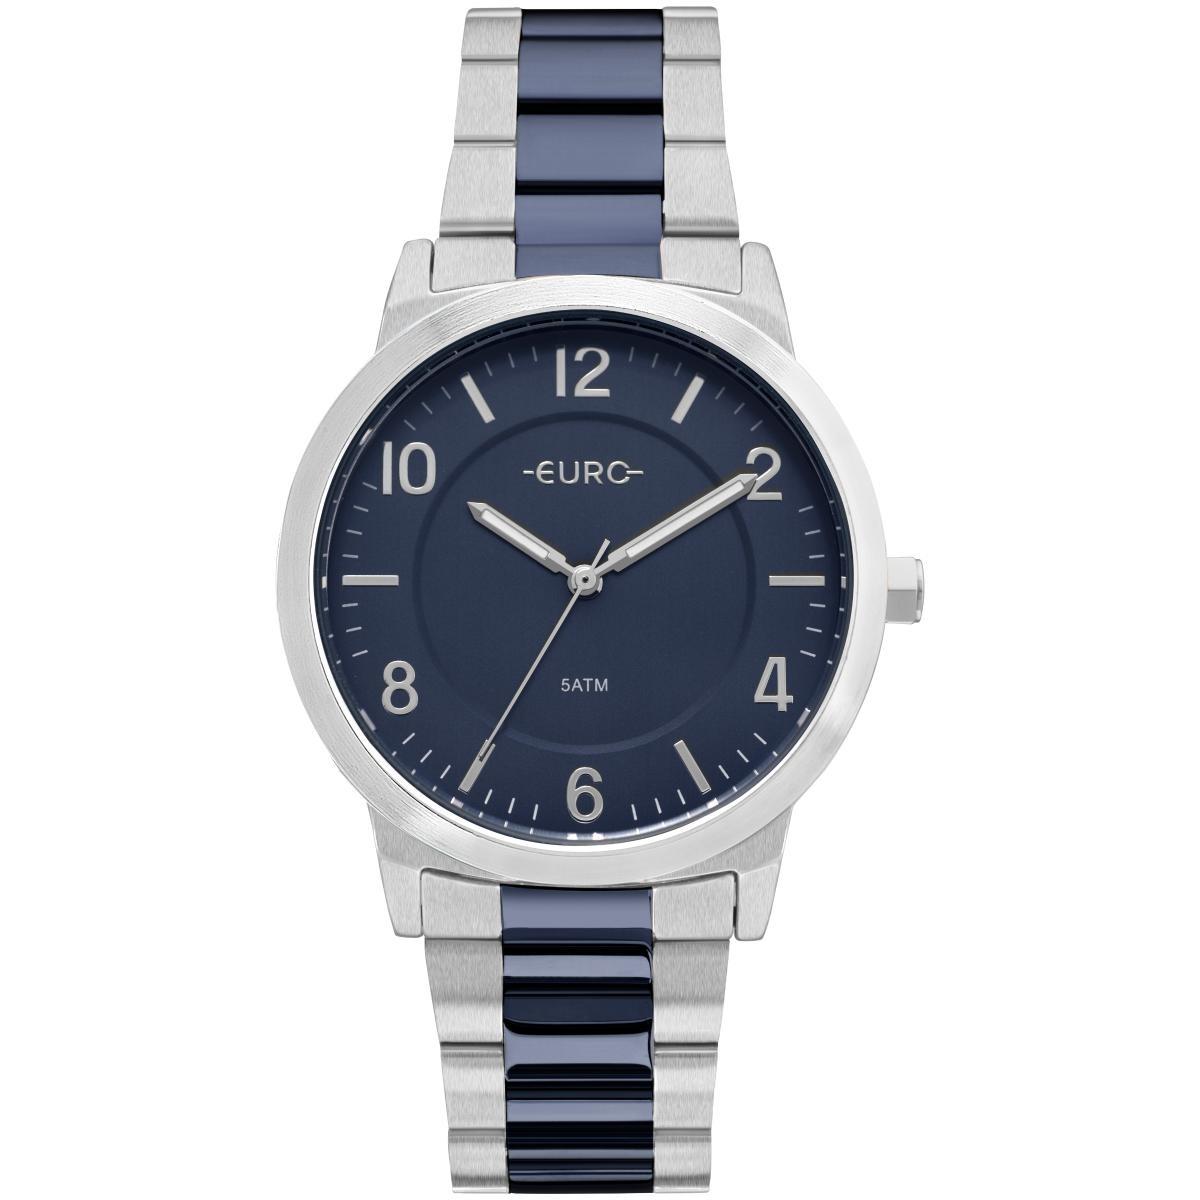 89f49f56233 Relógio Feminino Euro Eu2036ylx 5k Pulseira Aço Prata azul - R  185 ...